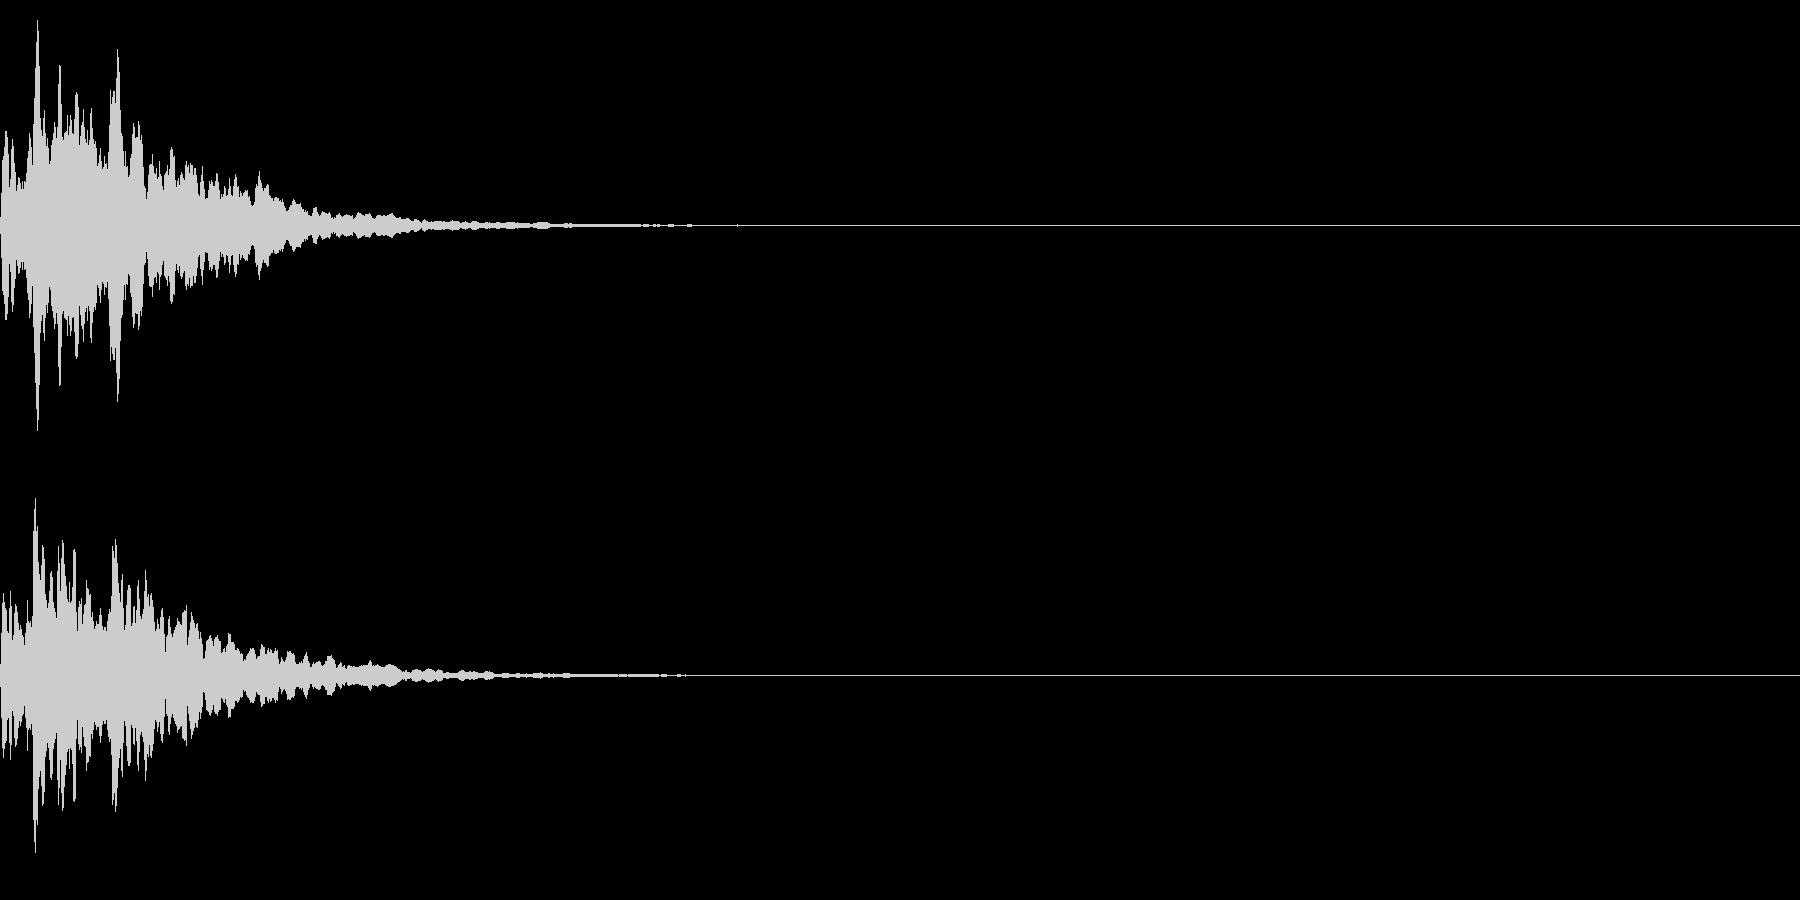 ベル 02(キコーン)の未再生の波形